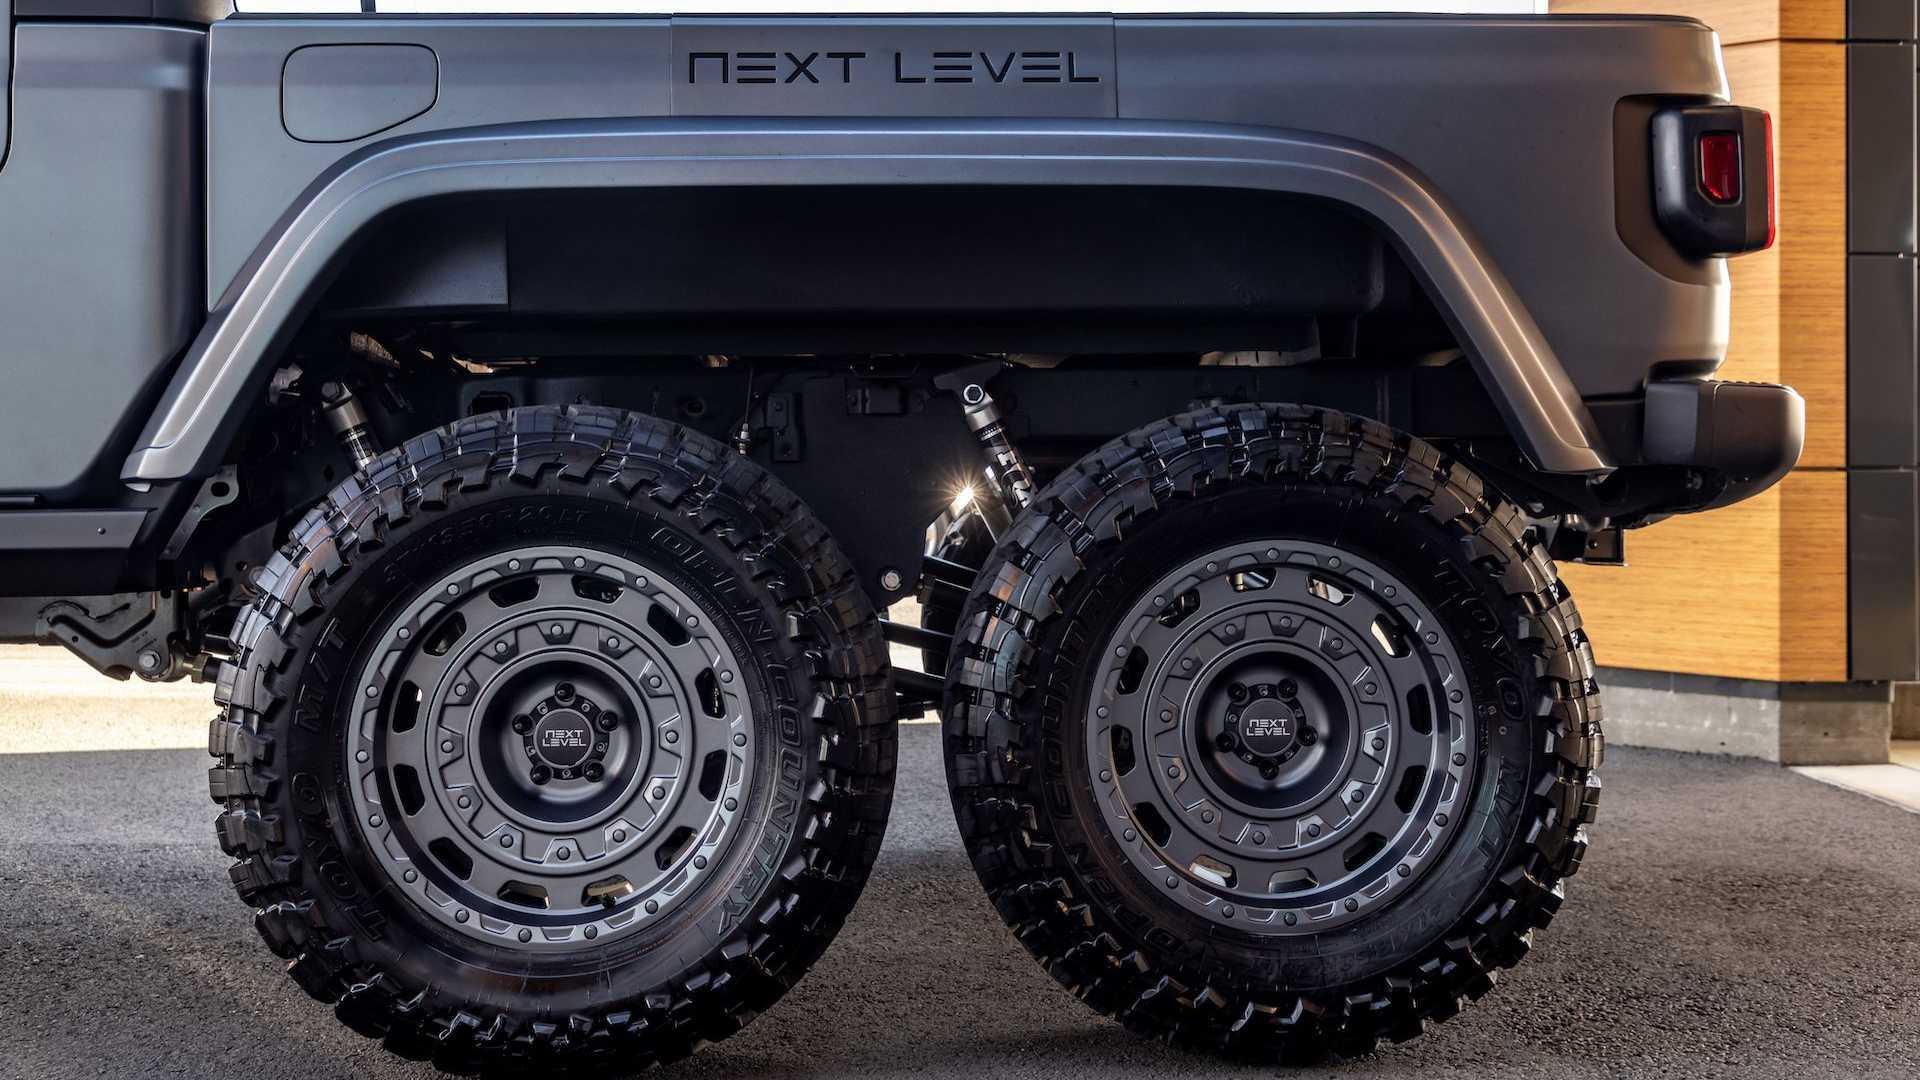 Jeep-Gladiator-6x6-by-Next-Level-19